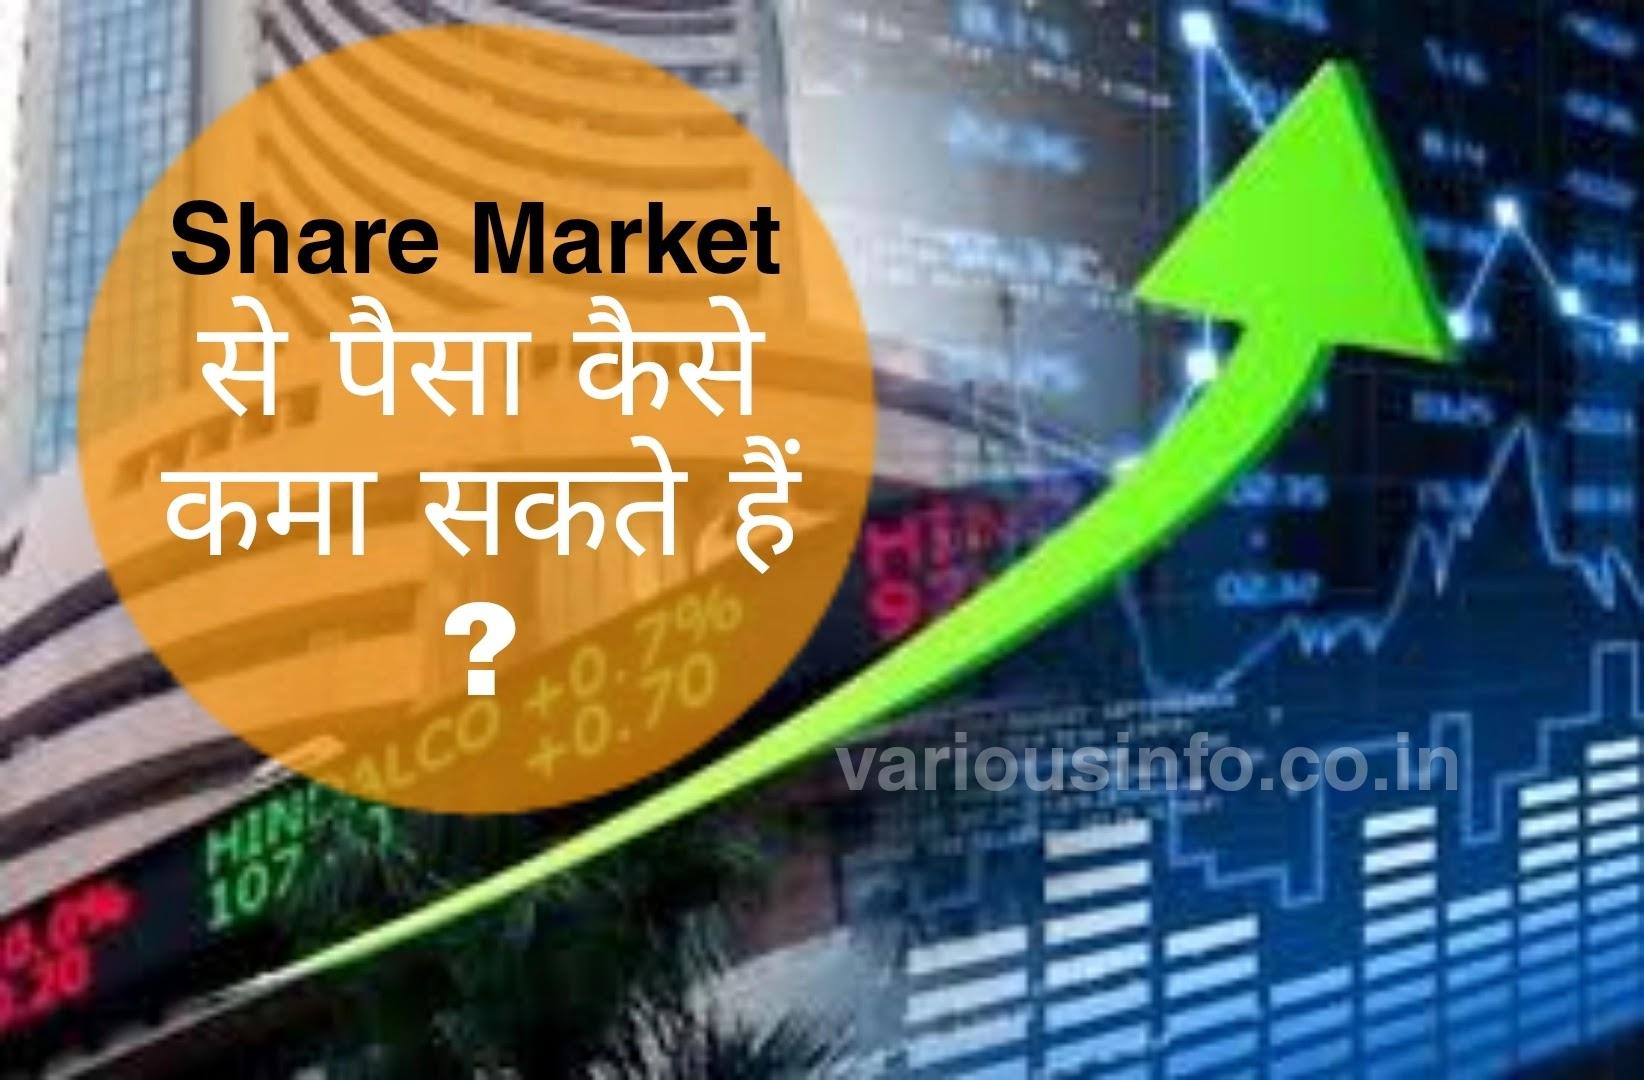 शेयर बाजार क्या है? यह Field में क्यों है? यह कैसे काम करता है? इसके फायदे और नुकसान क्या हैं? और आप इसमें पैसा कैसे लगा सकते हैं ?